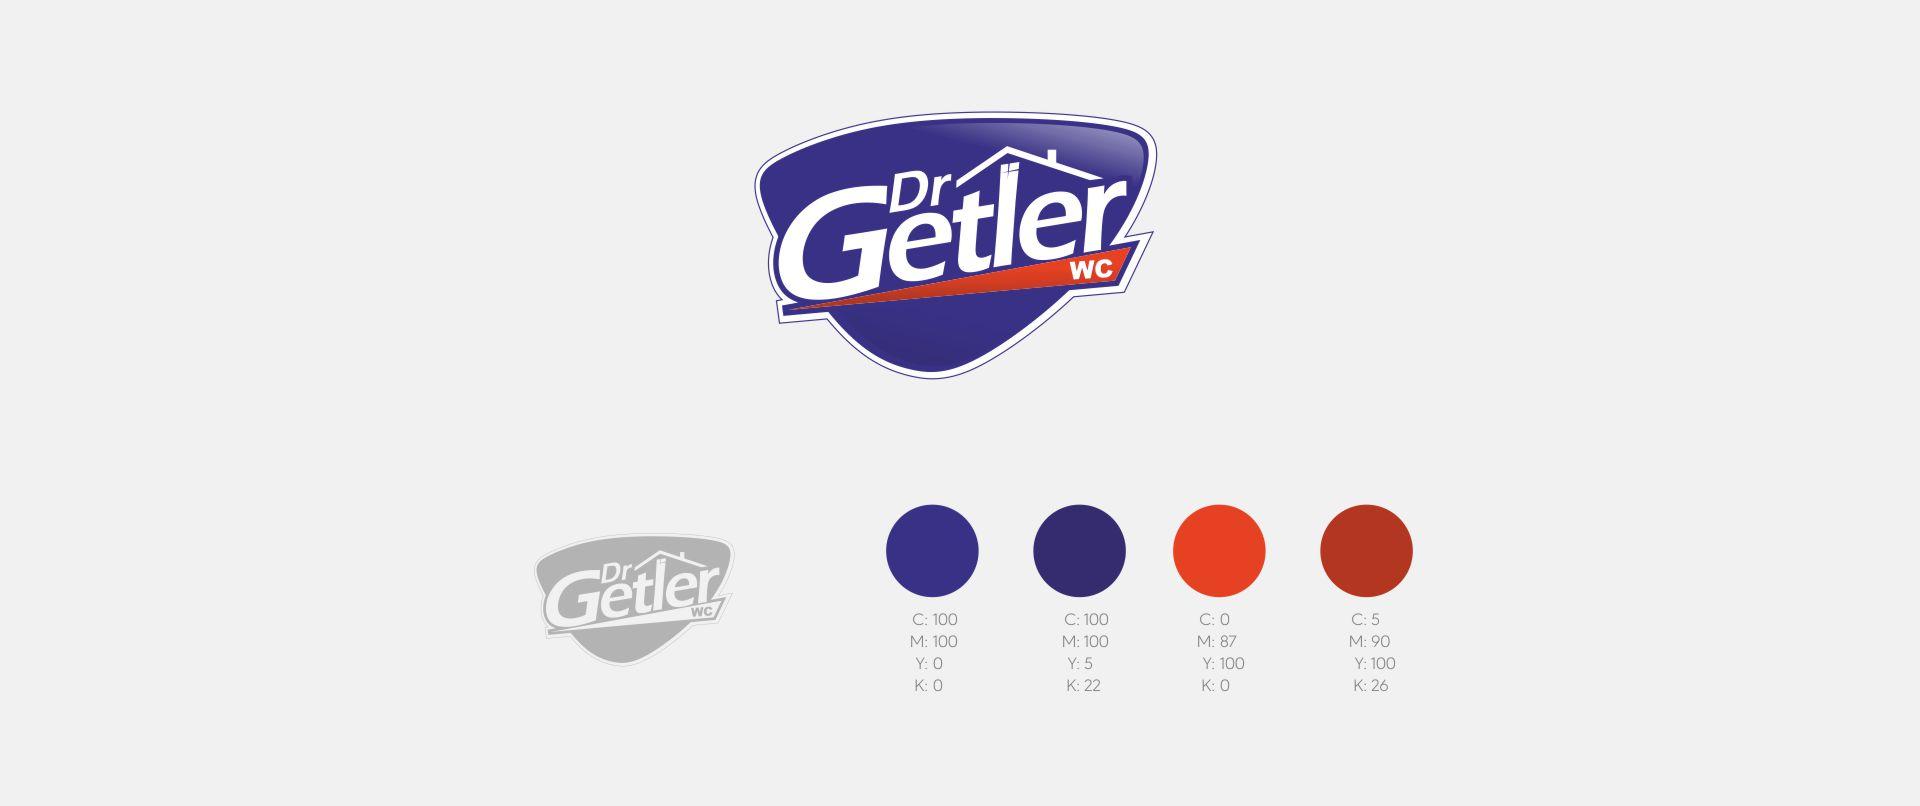 Dr Getler - Realizacja - Agencja ROXART